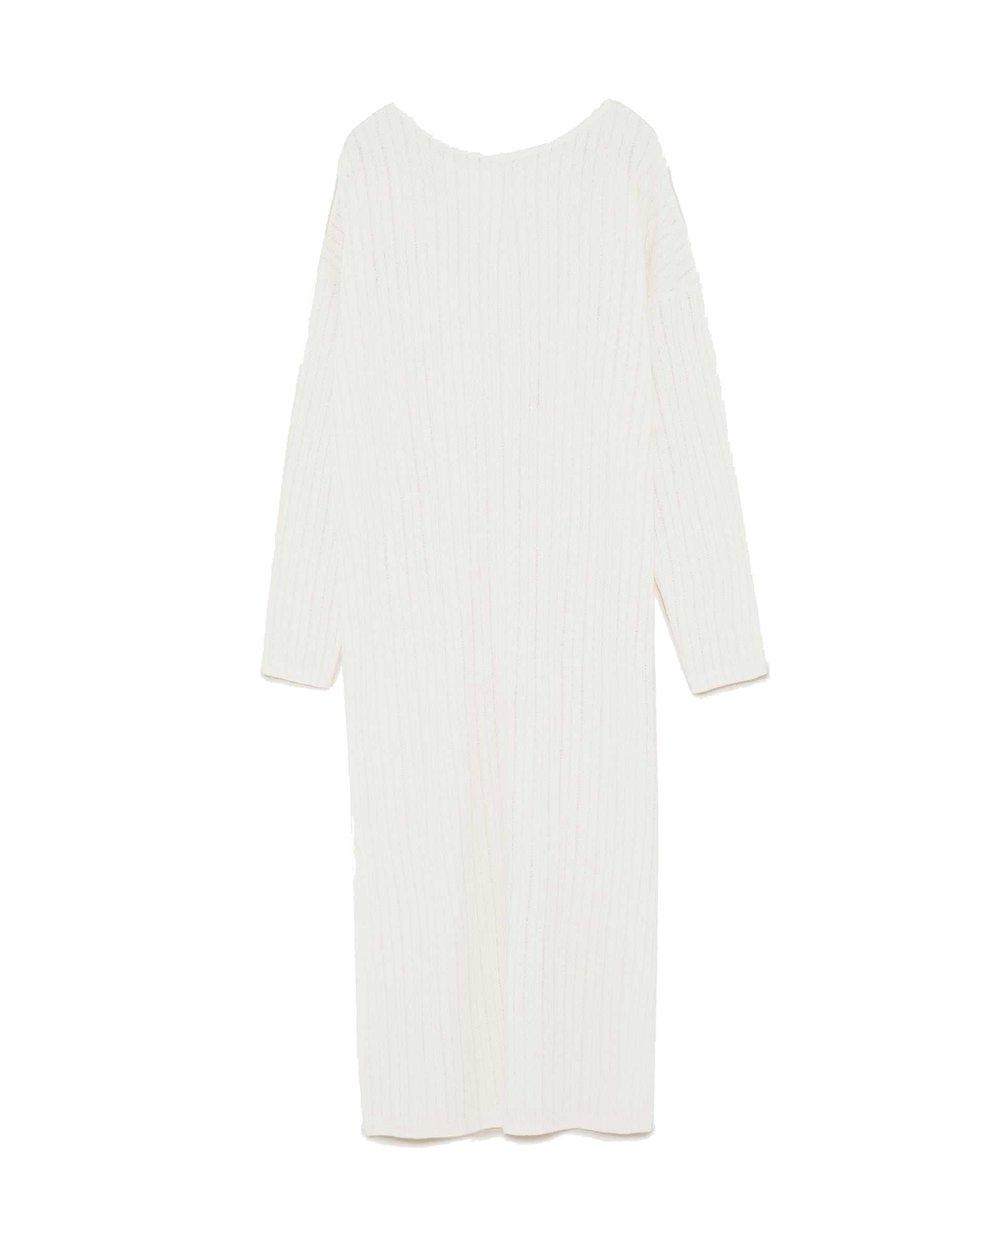 Zara Knit Dress $39.90